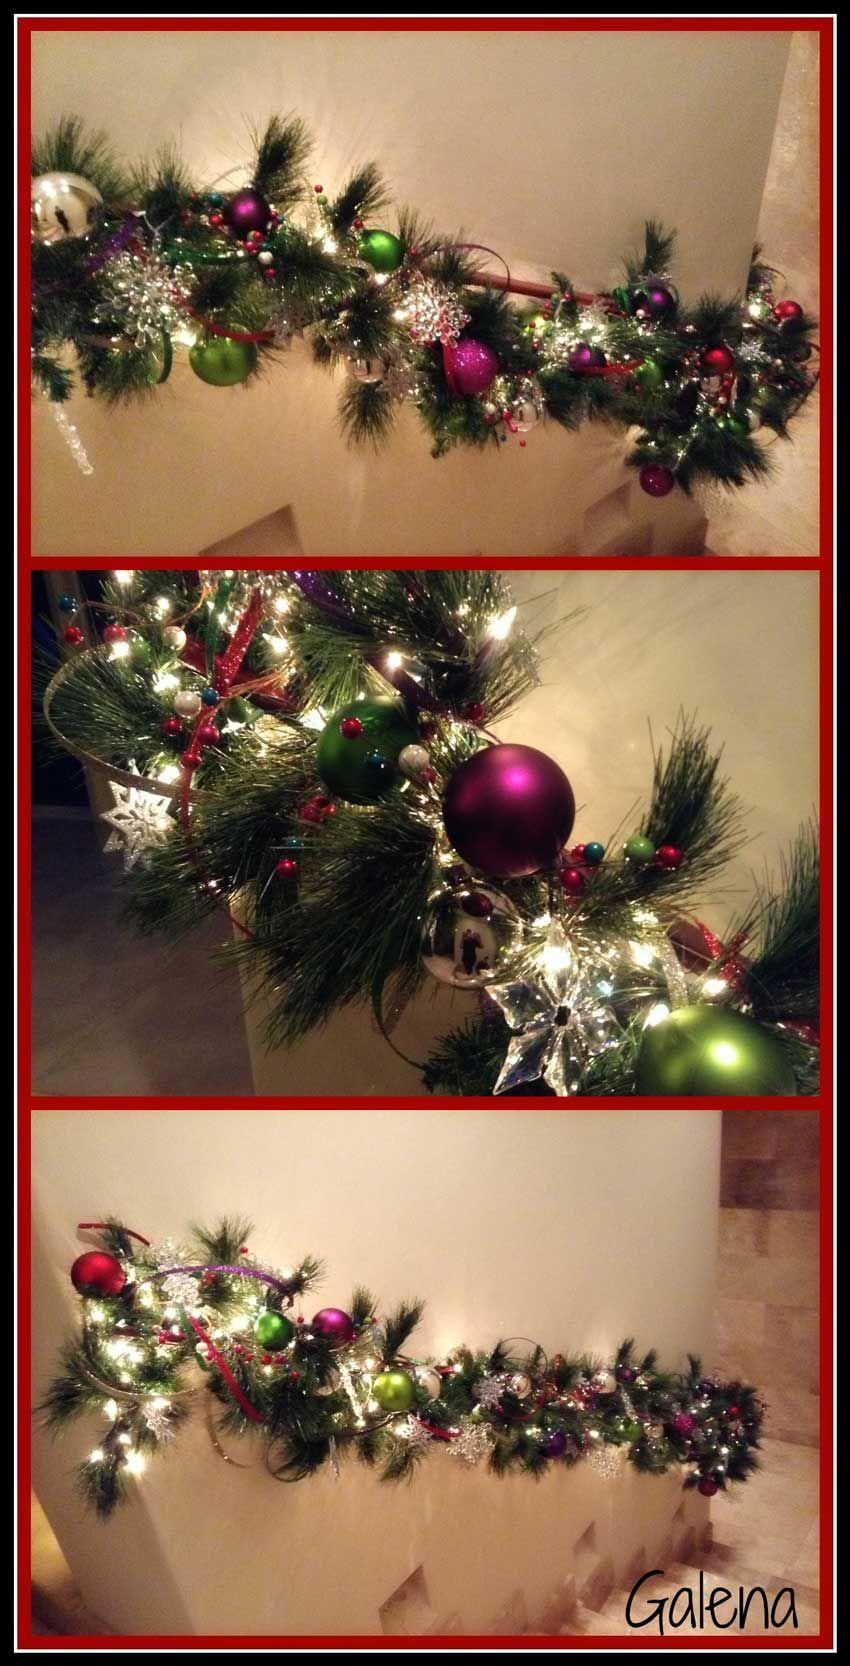 decorando la guirnalda en las escaleras - Guirnaldas Navidad